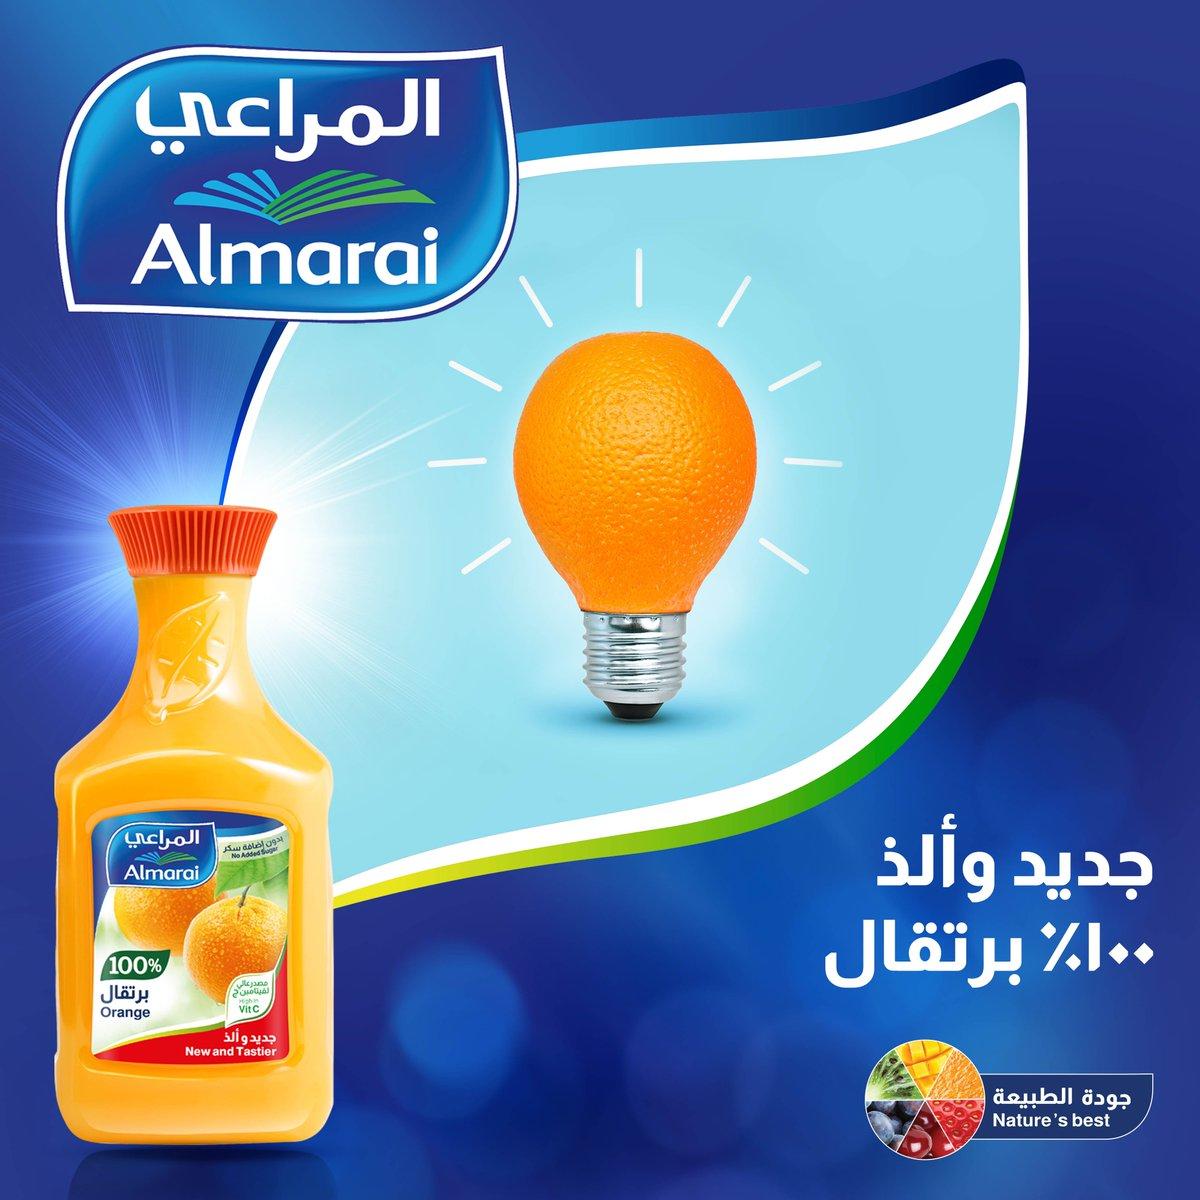 Almarai المراعي On Twitter عصير البرتقال ألذ فكرة لكل يوم المراعي جديد وألذ